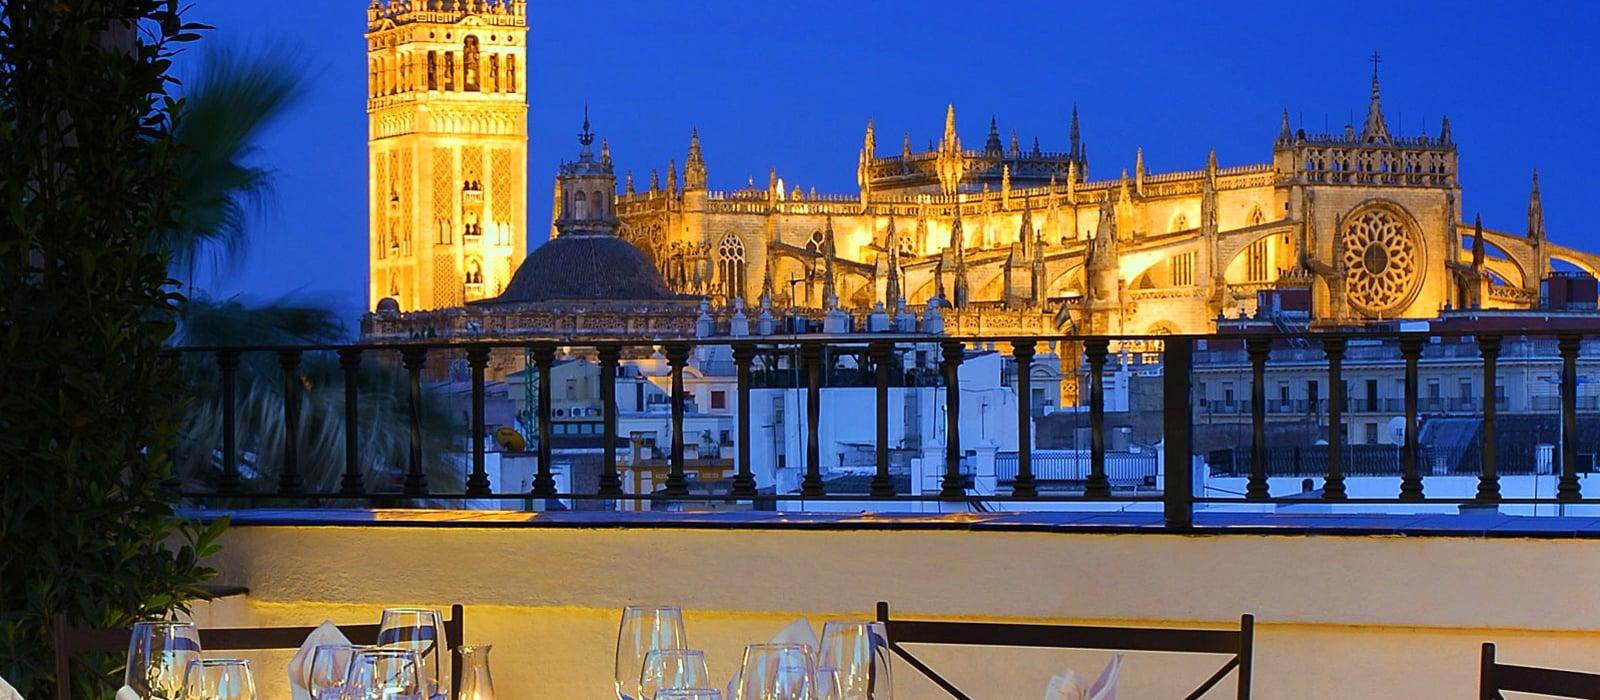 Offres Hôtel Vincci Sevilla La Rabida - Réservez 3 nuits et économisez 15%!